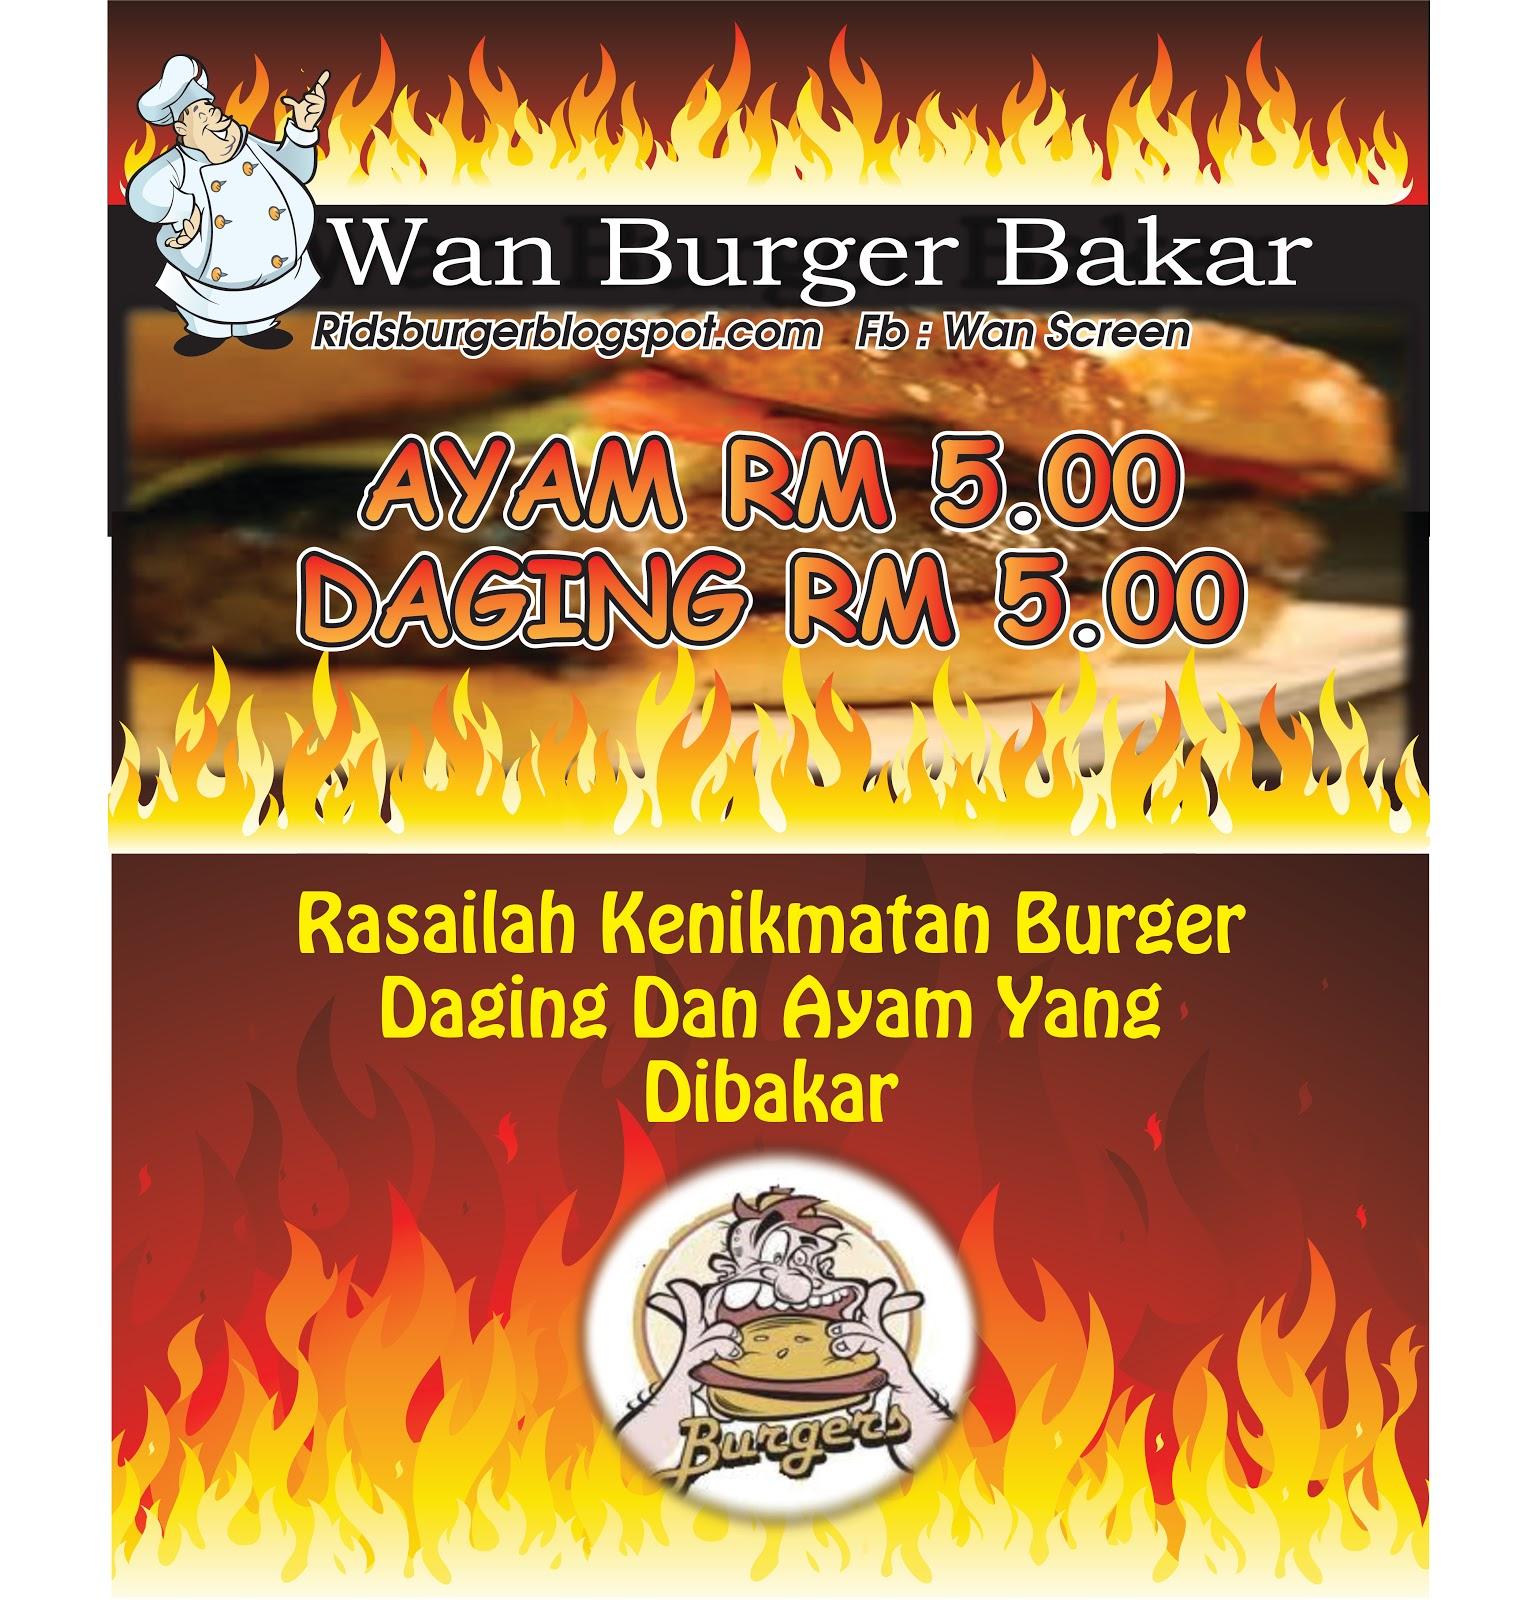 The Best Solution For Halal Burger Ridz Food Industries Banner Wan Burger Bakar